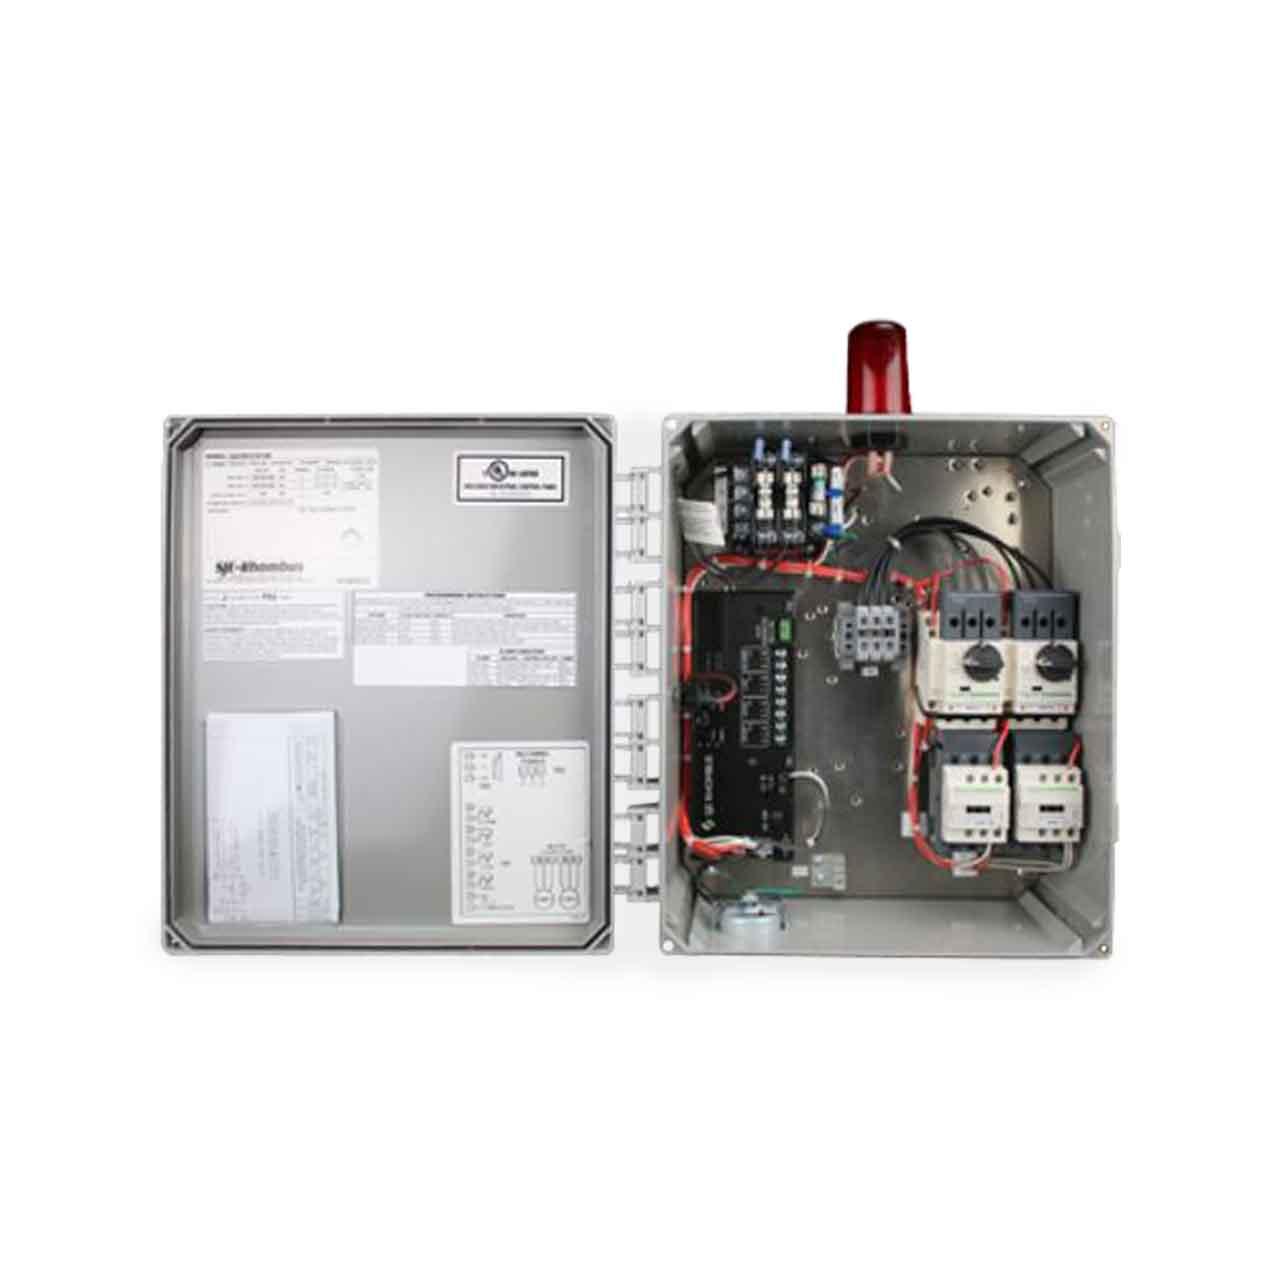 hight resolution of sje rhombus sje rhombus model 322 3 phase 208 240 480 600v duplex motor contactor control panel cp sje322